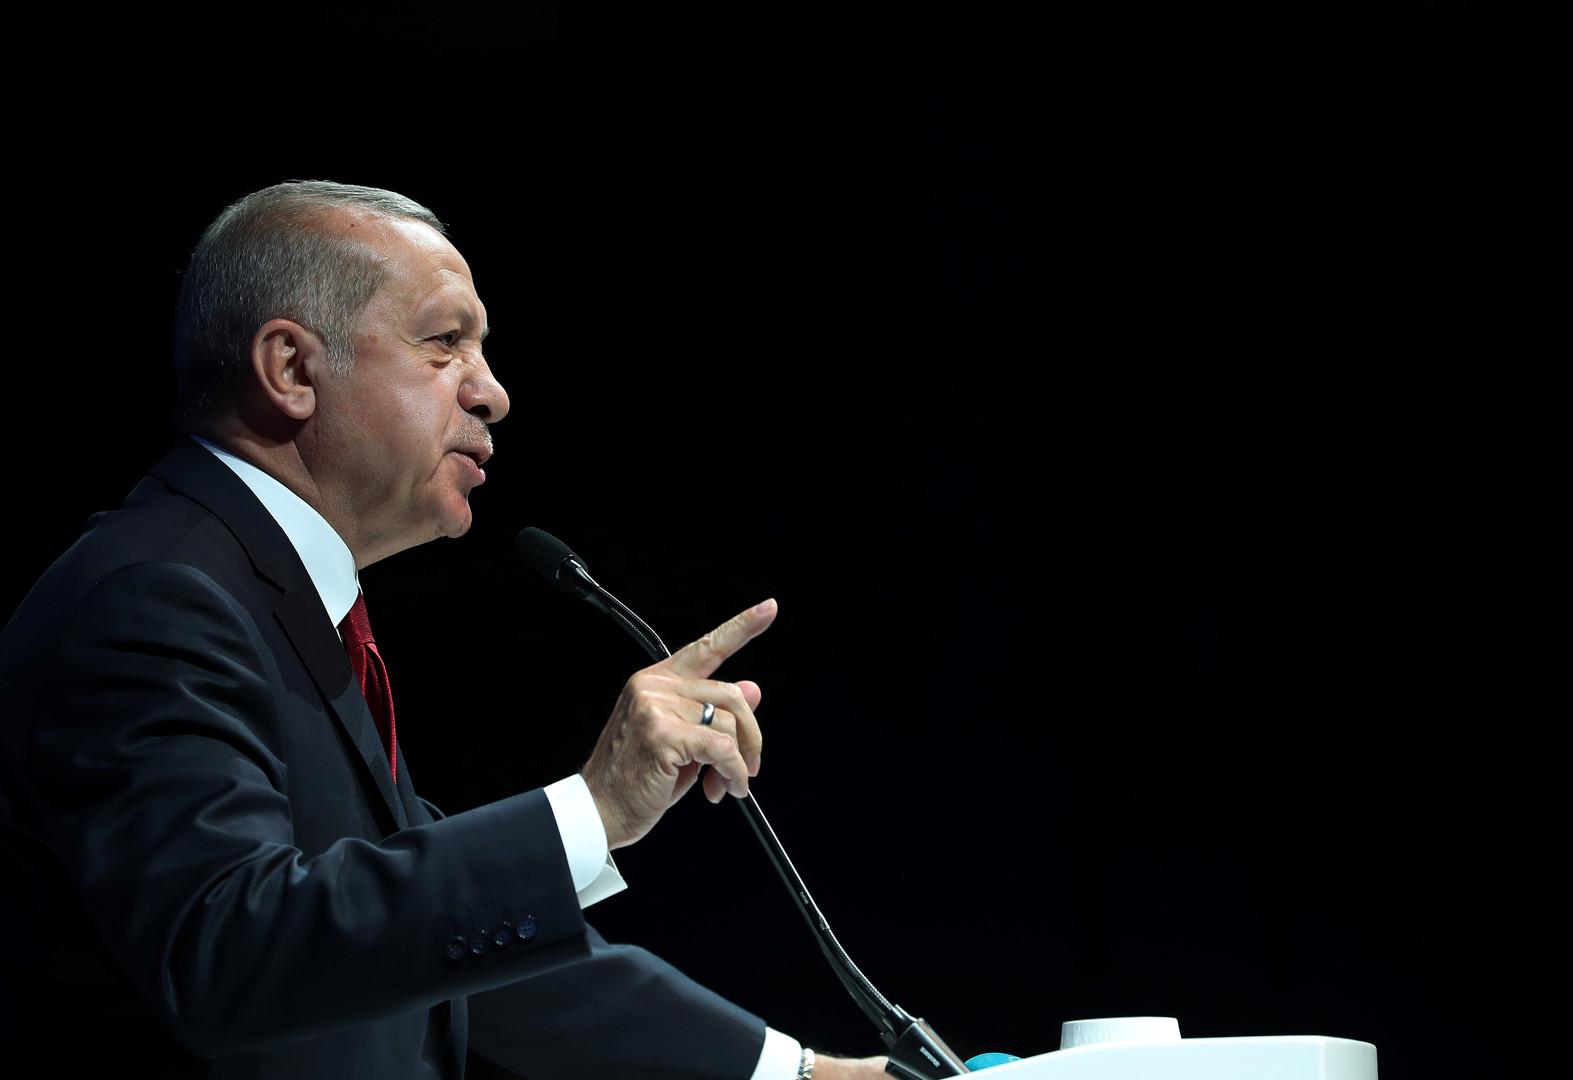 الولايات المتحدة تهدد تركيا بتبعات